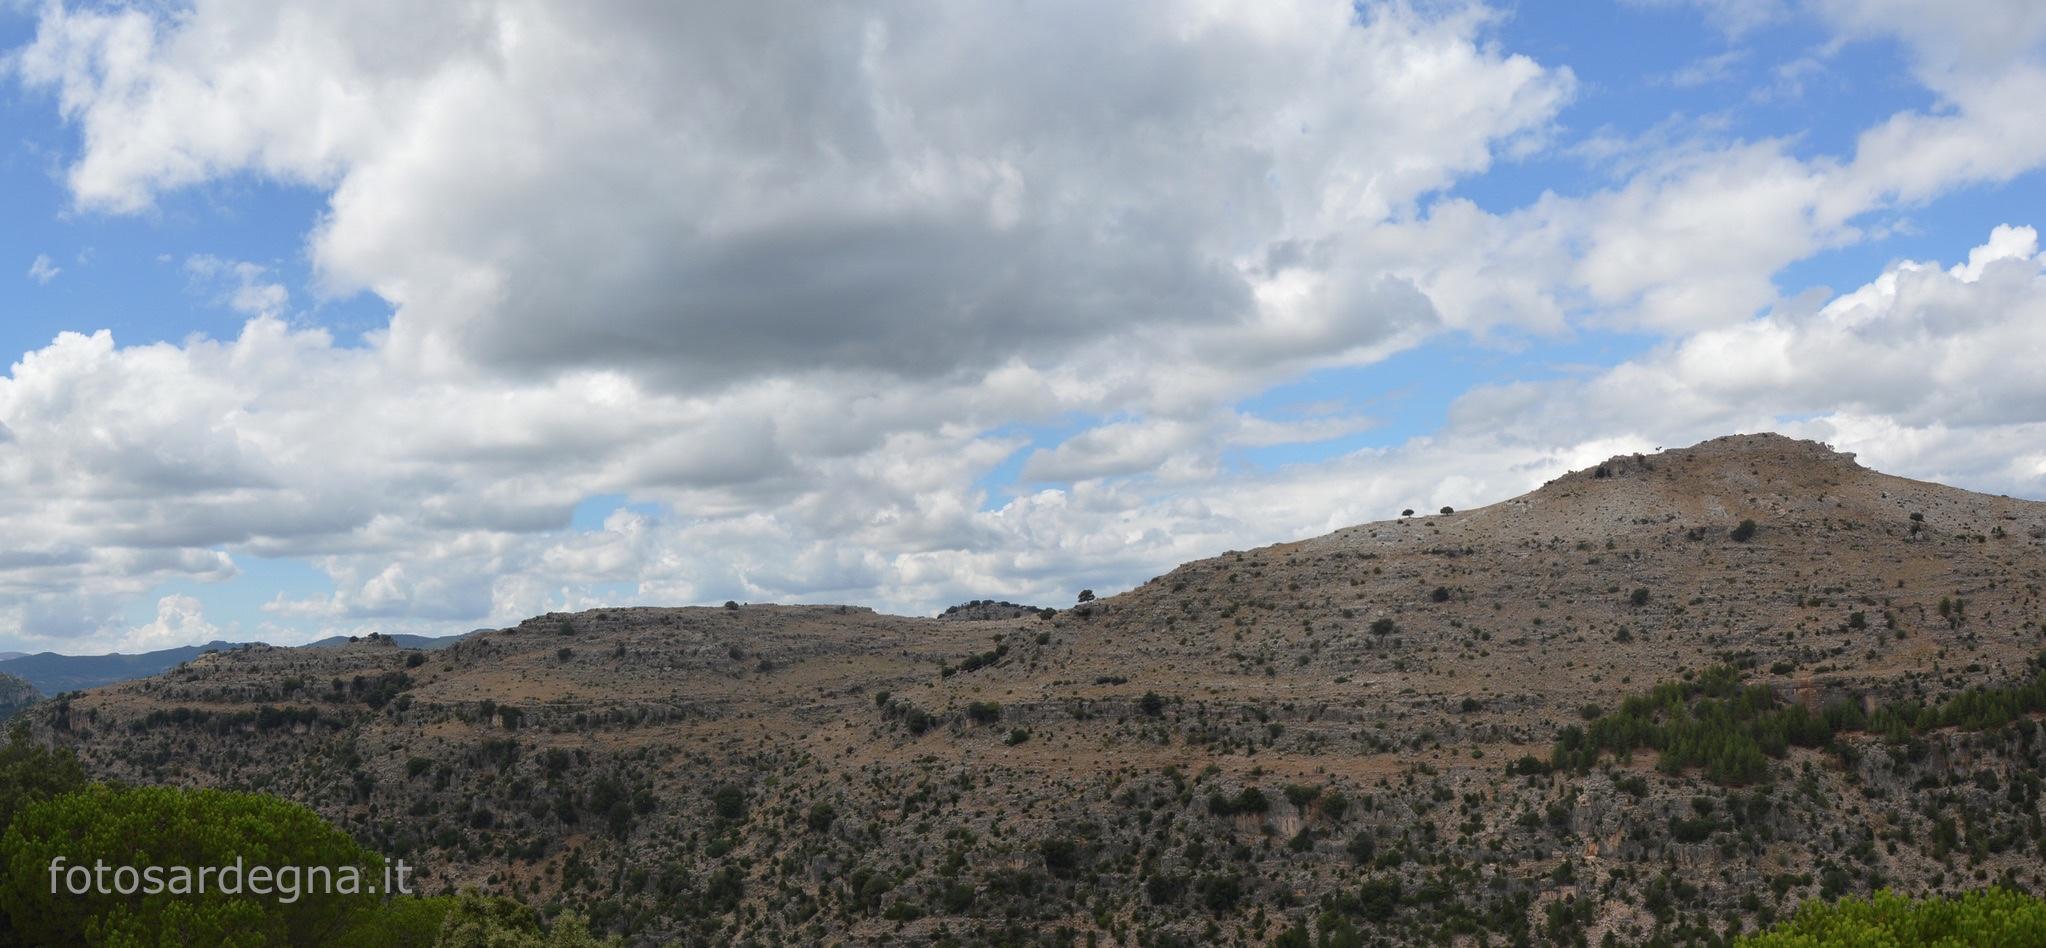 Taquisara, il maestoso gruppo di Tacchi che domina la valle del Riu Isara (Gairo); la cima più elevata è Bruncu Mattedi (1.066 mt.).